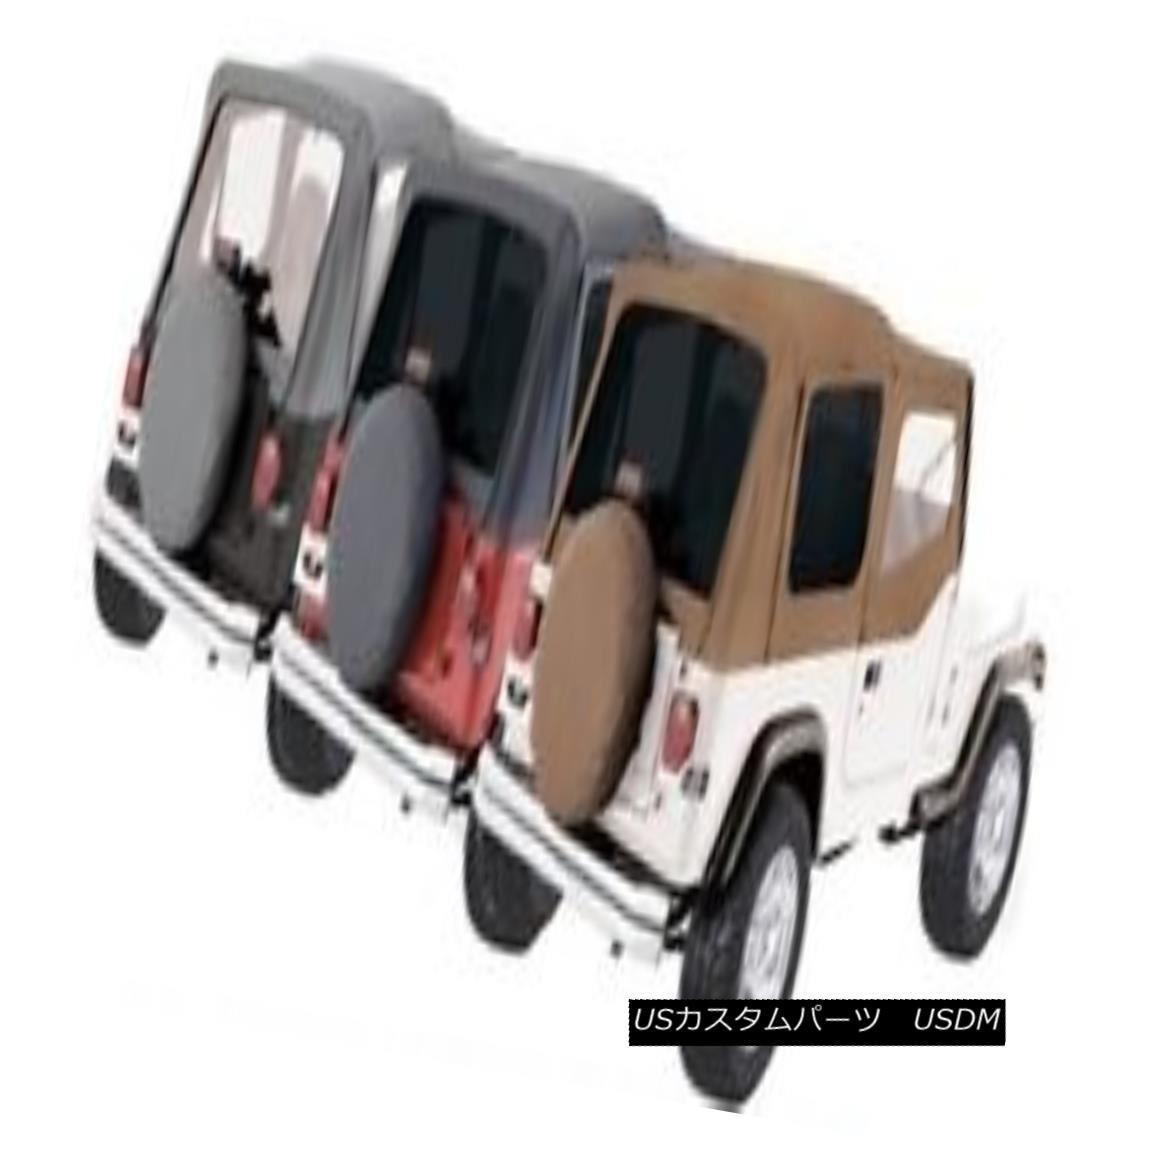 幌・ソフトトップ Rampage Factory Replacement Soft Top 88-95 Jeep Wrangler YJ 99615 Denim Black Rampage Factory Replacementソフトトップ88-95ジープラングラーYJ 99615デニムブラック